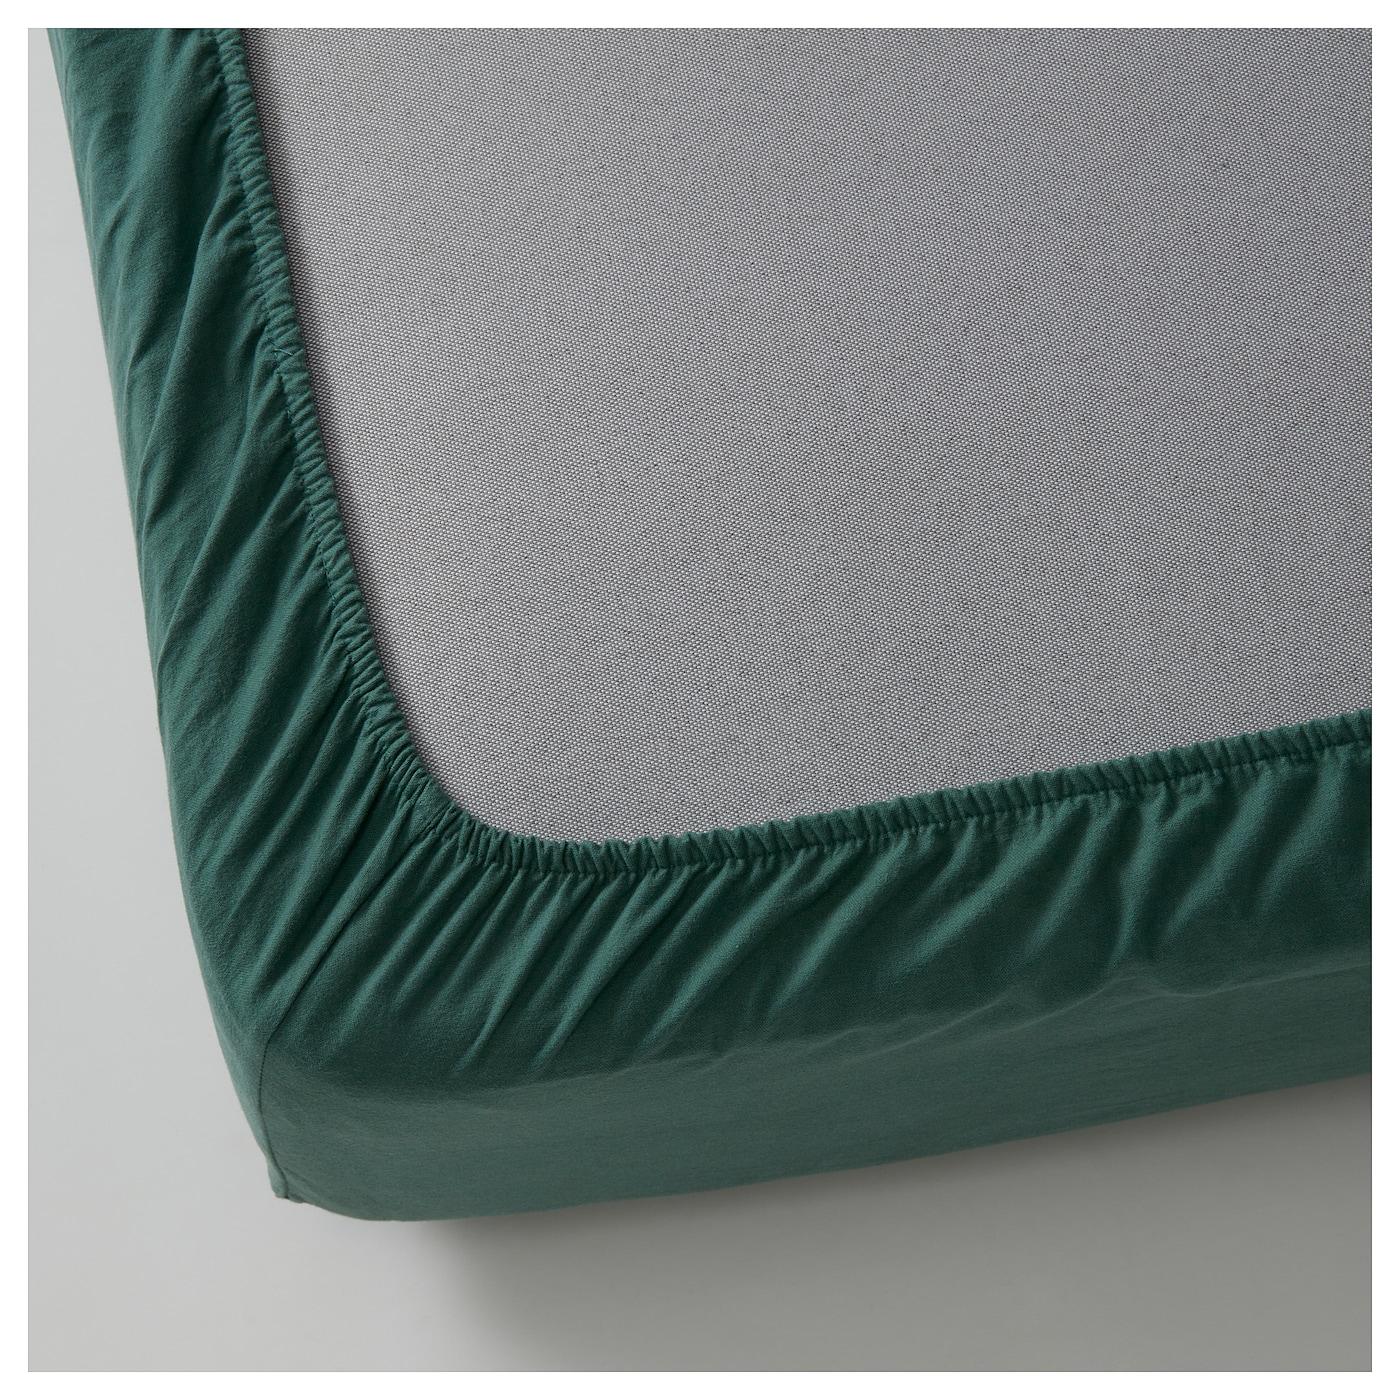 drap housse matelas epais 160x200 drap housse matelas epais 160x200 valdiz drap housse 160x200. Black Bedroom Furniture Sets. Home Design Ideas